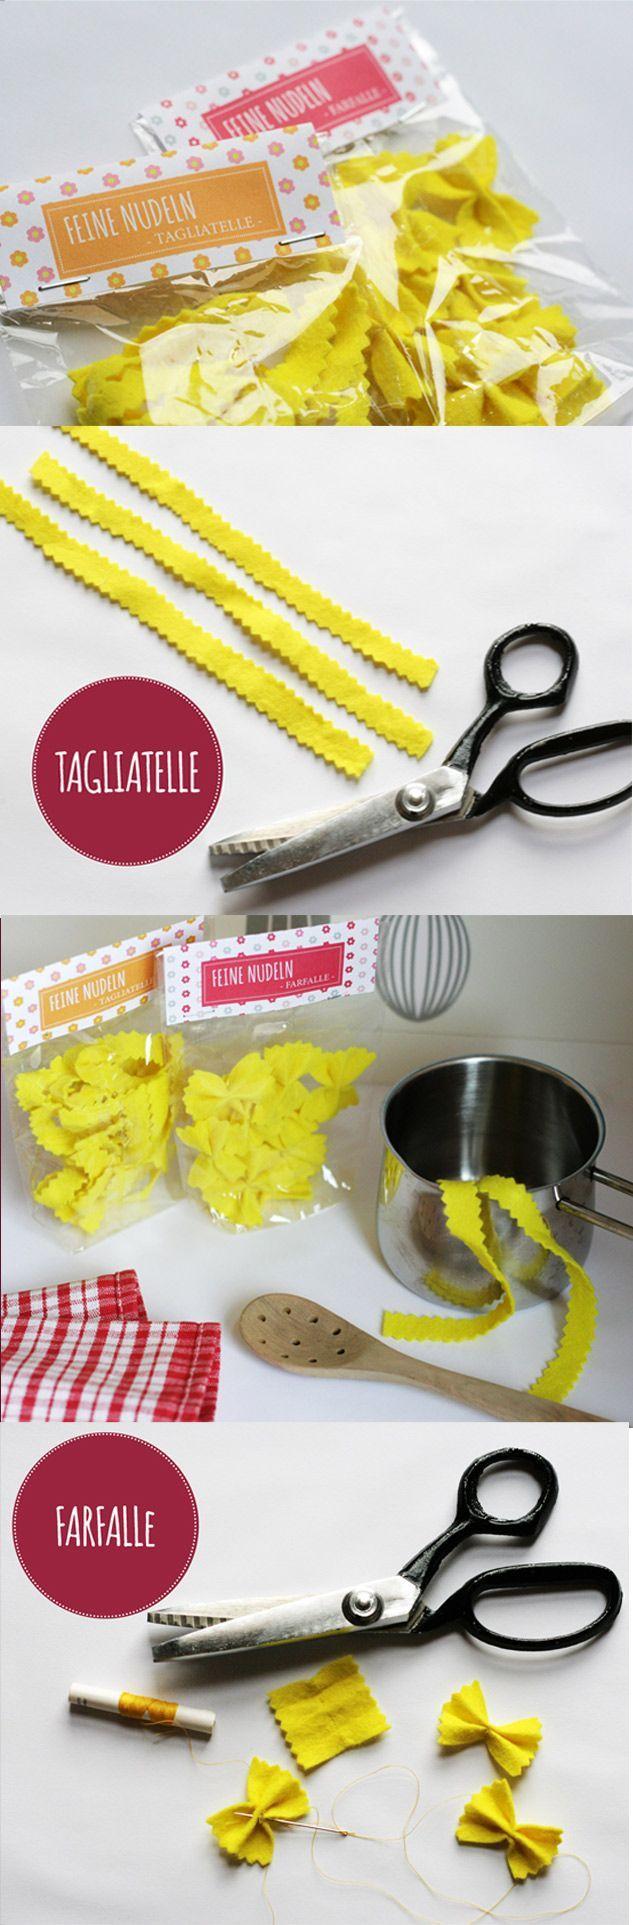 Basteln mit Nudeln - Pasta für Küche und Kaufladen selber machen #fooddiy